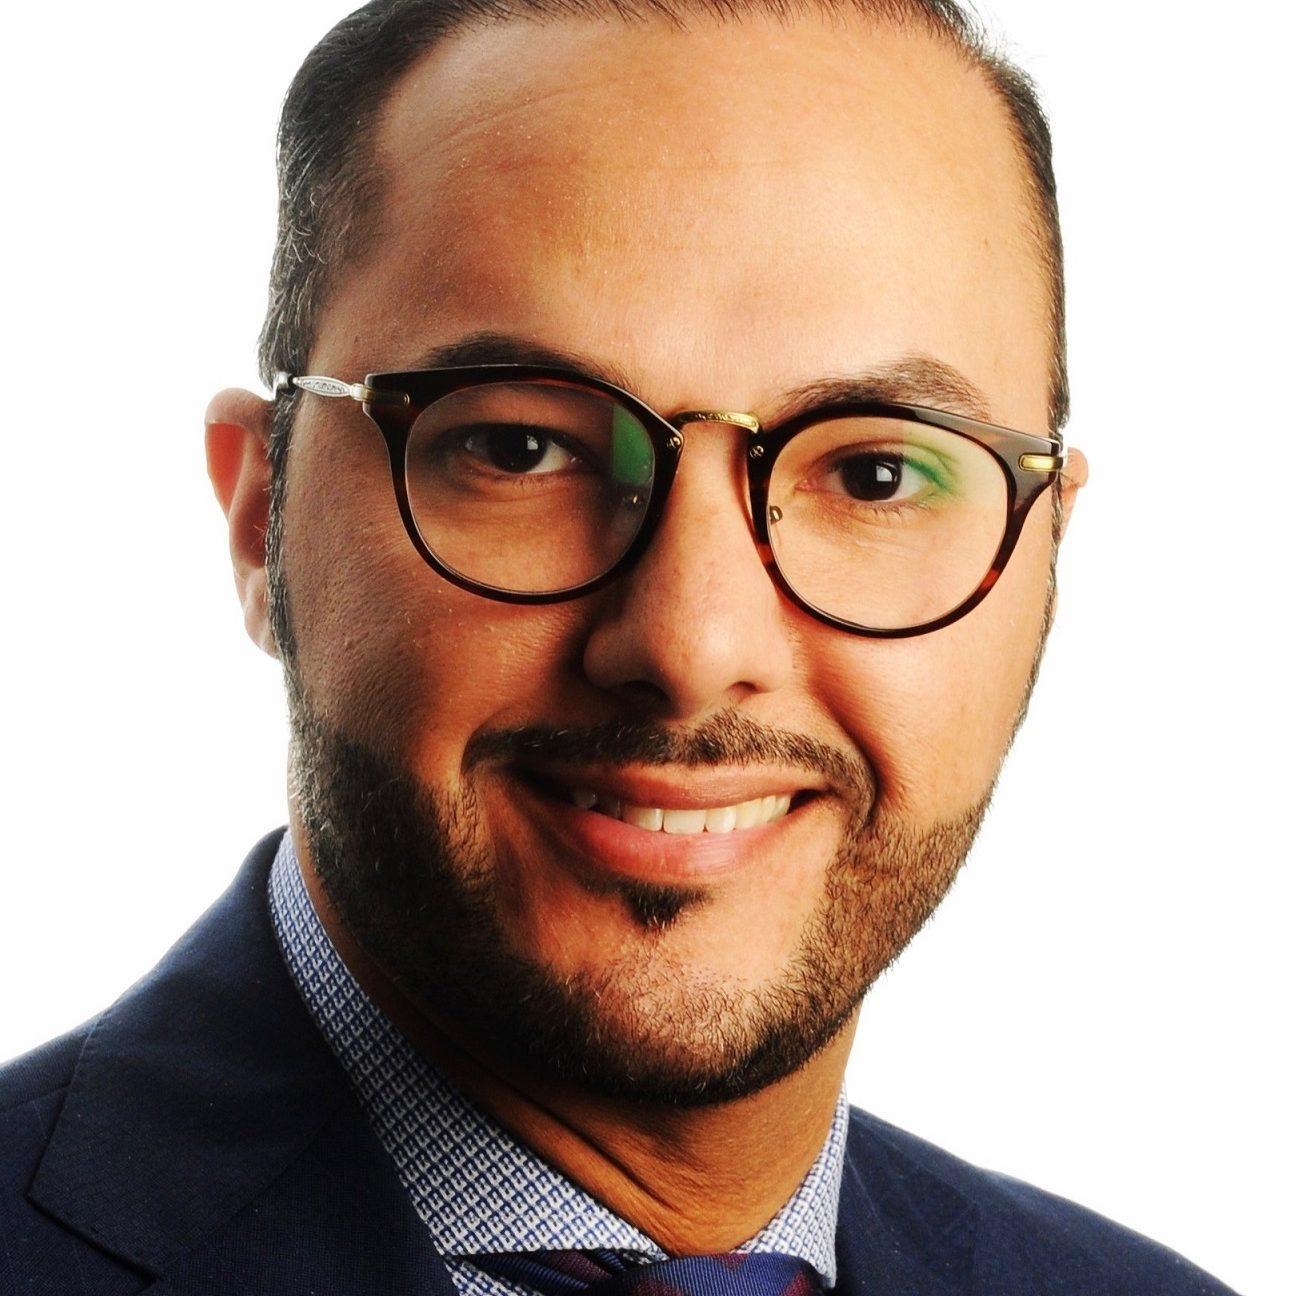 Saeed Bin hamri